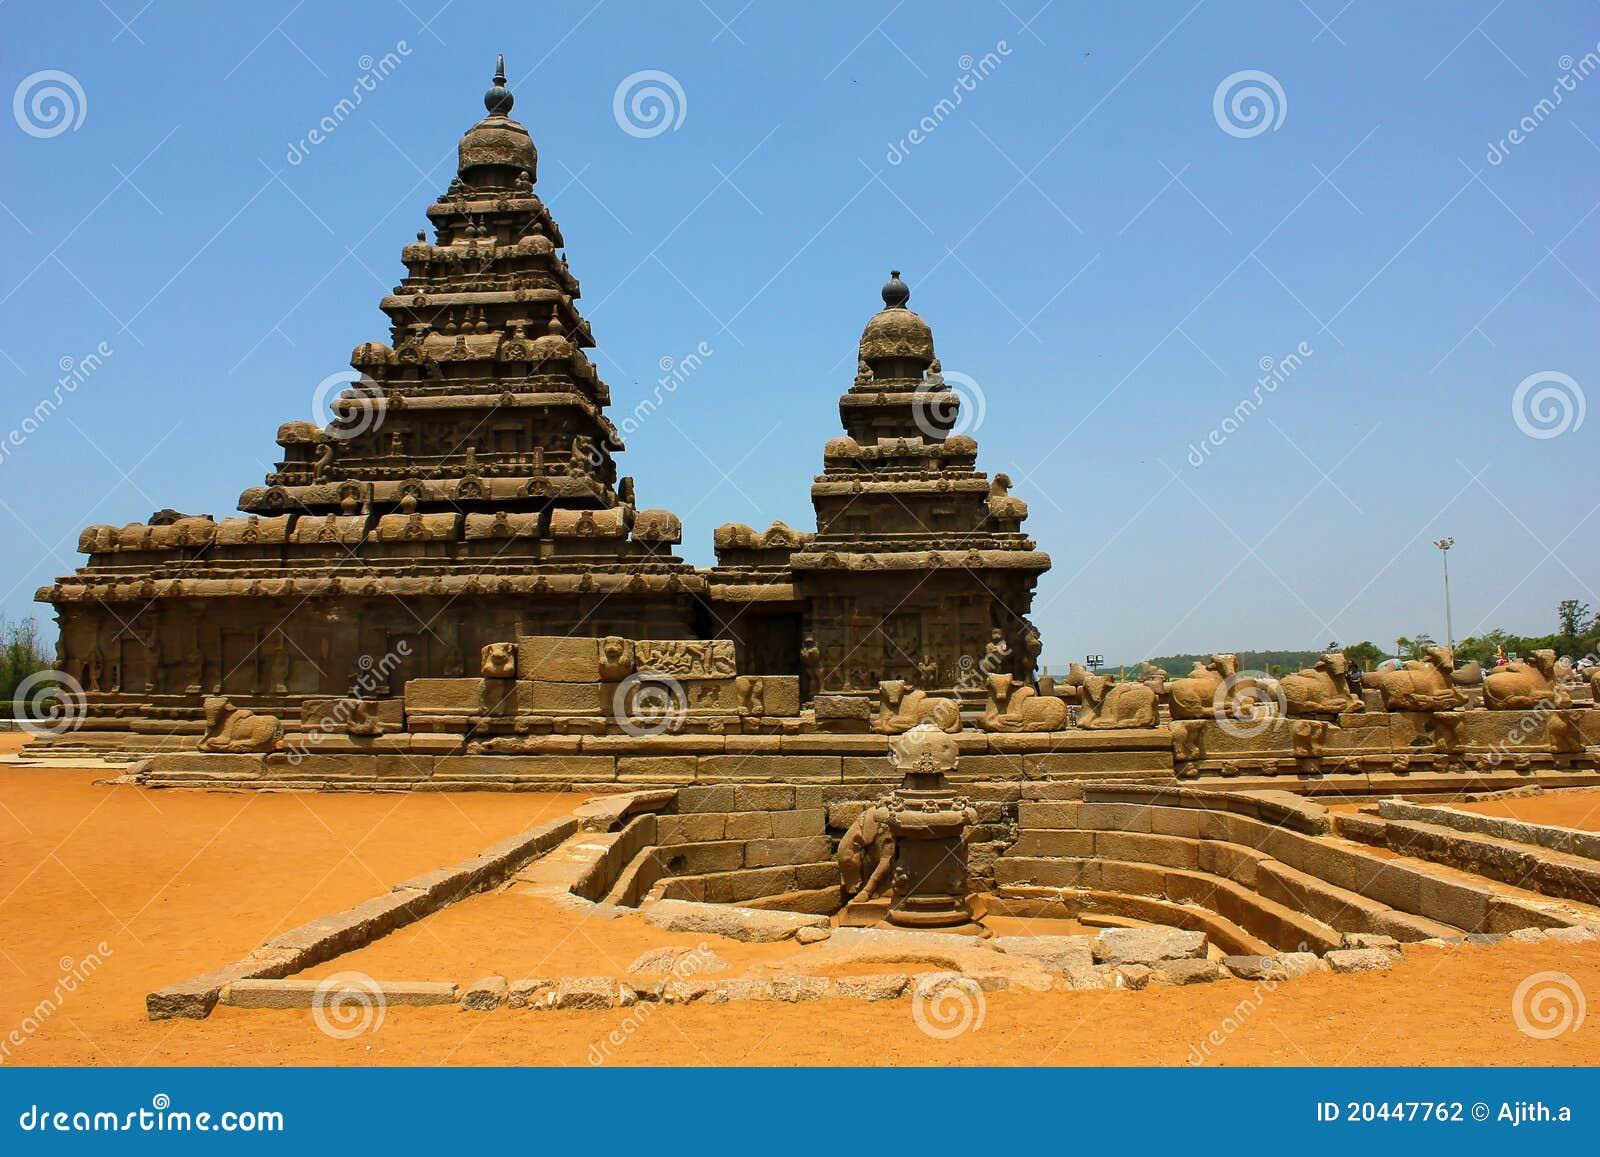 De tempel van de kust in Mahabalipuram, chennai, India